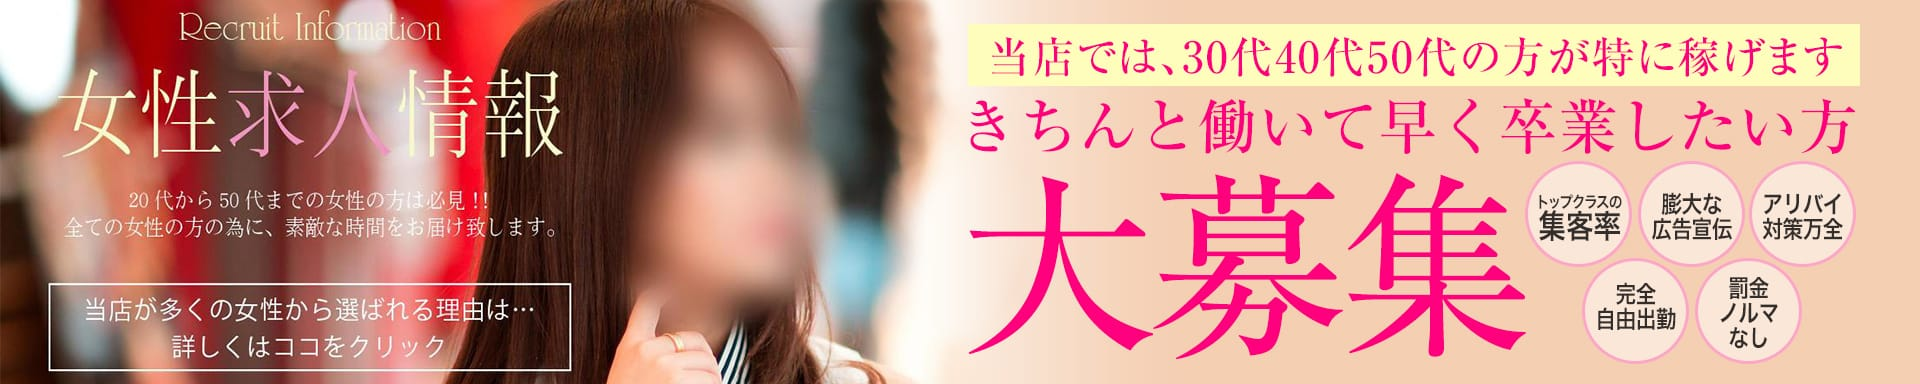 奥様恋愛館 (オクサマレンアイカン) その3